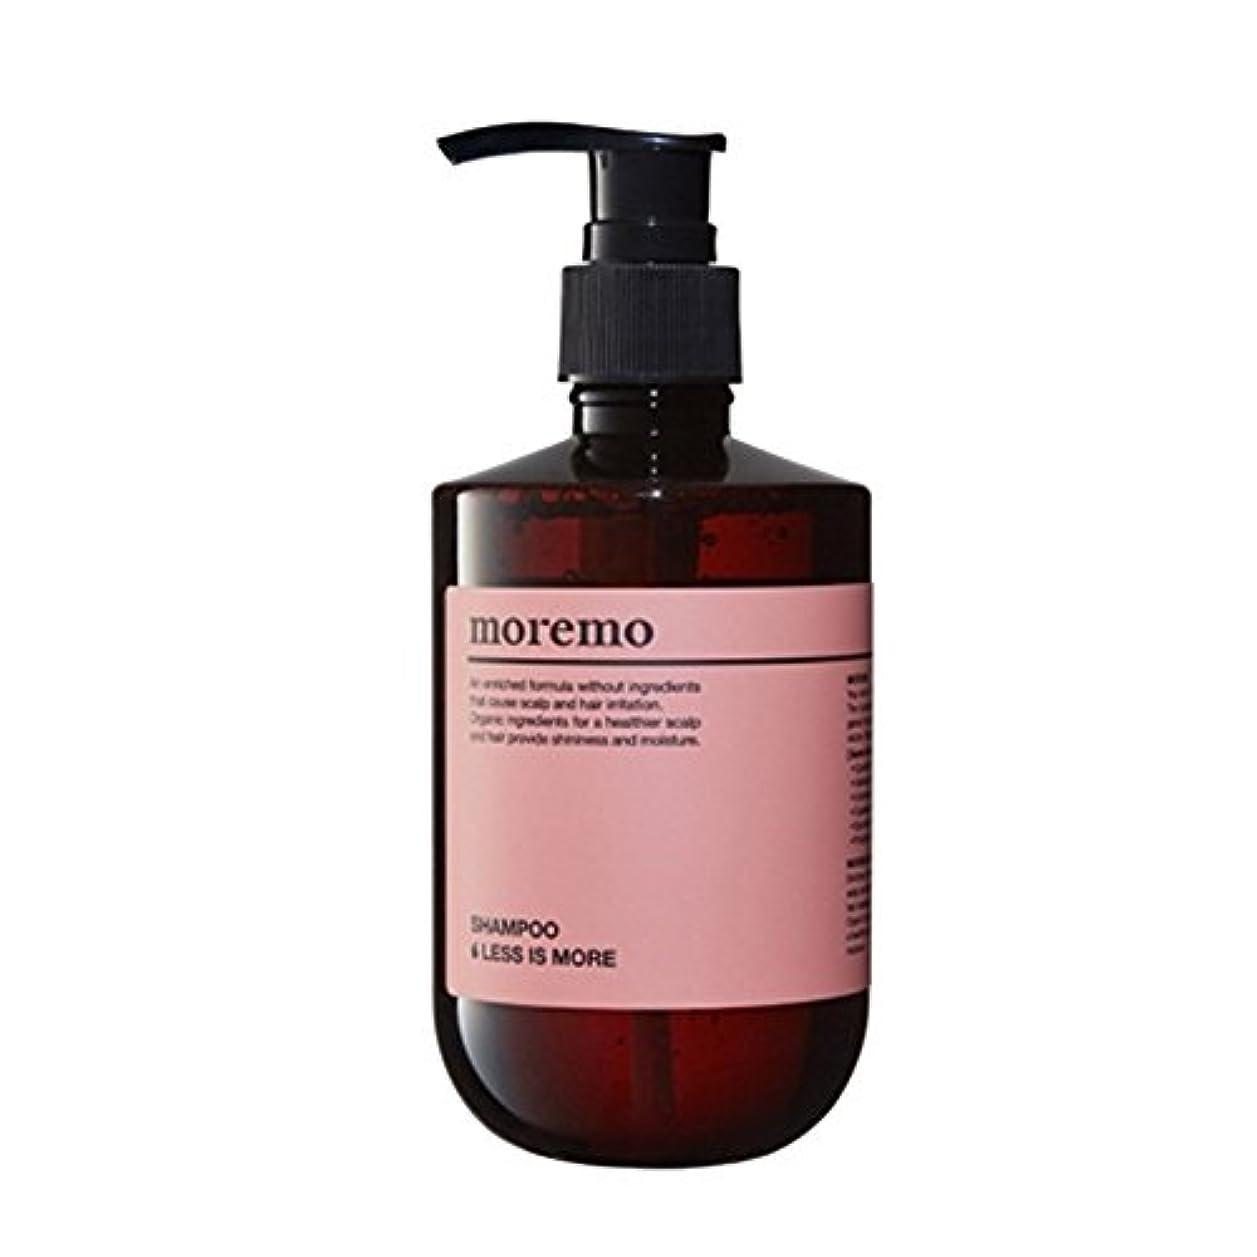 有益プロフィール辞書【モレノ/ moremo]Hair SHAMPOO : LESS IS MORE (ソンサンモ、行く毛髪タイプ)/明後日某 シャンプー レススモア 300ml(海外直送品)